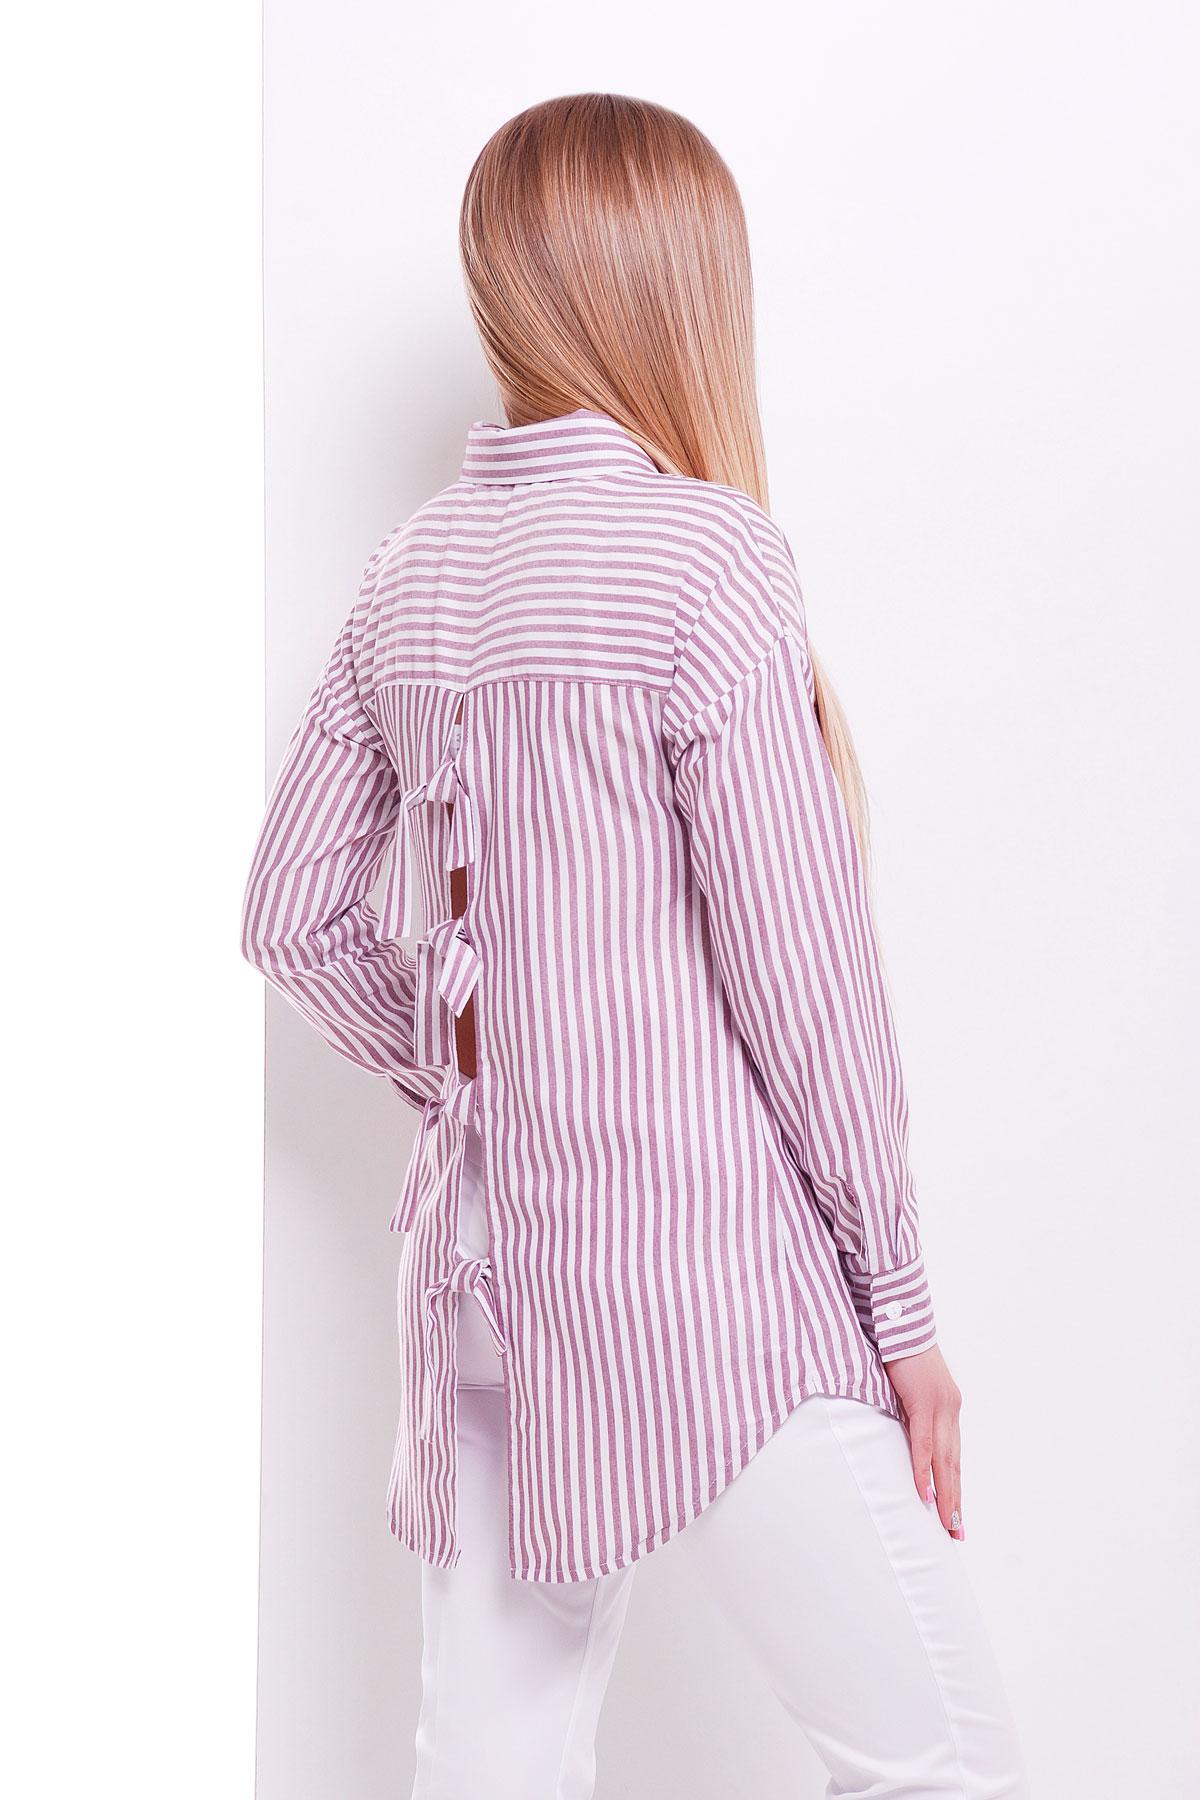 Повседневная блузка купить